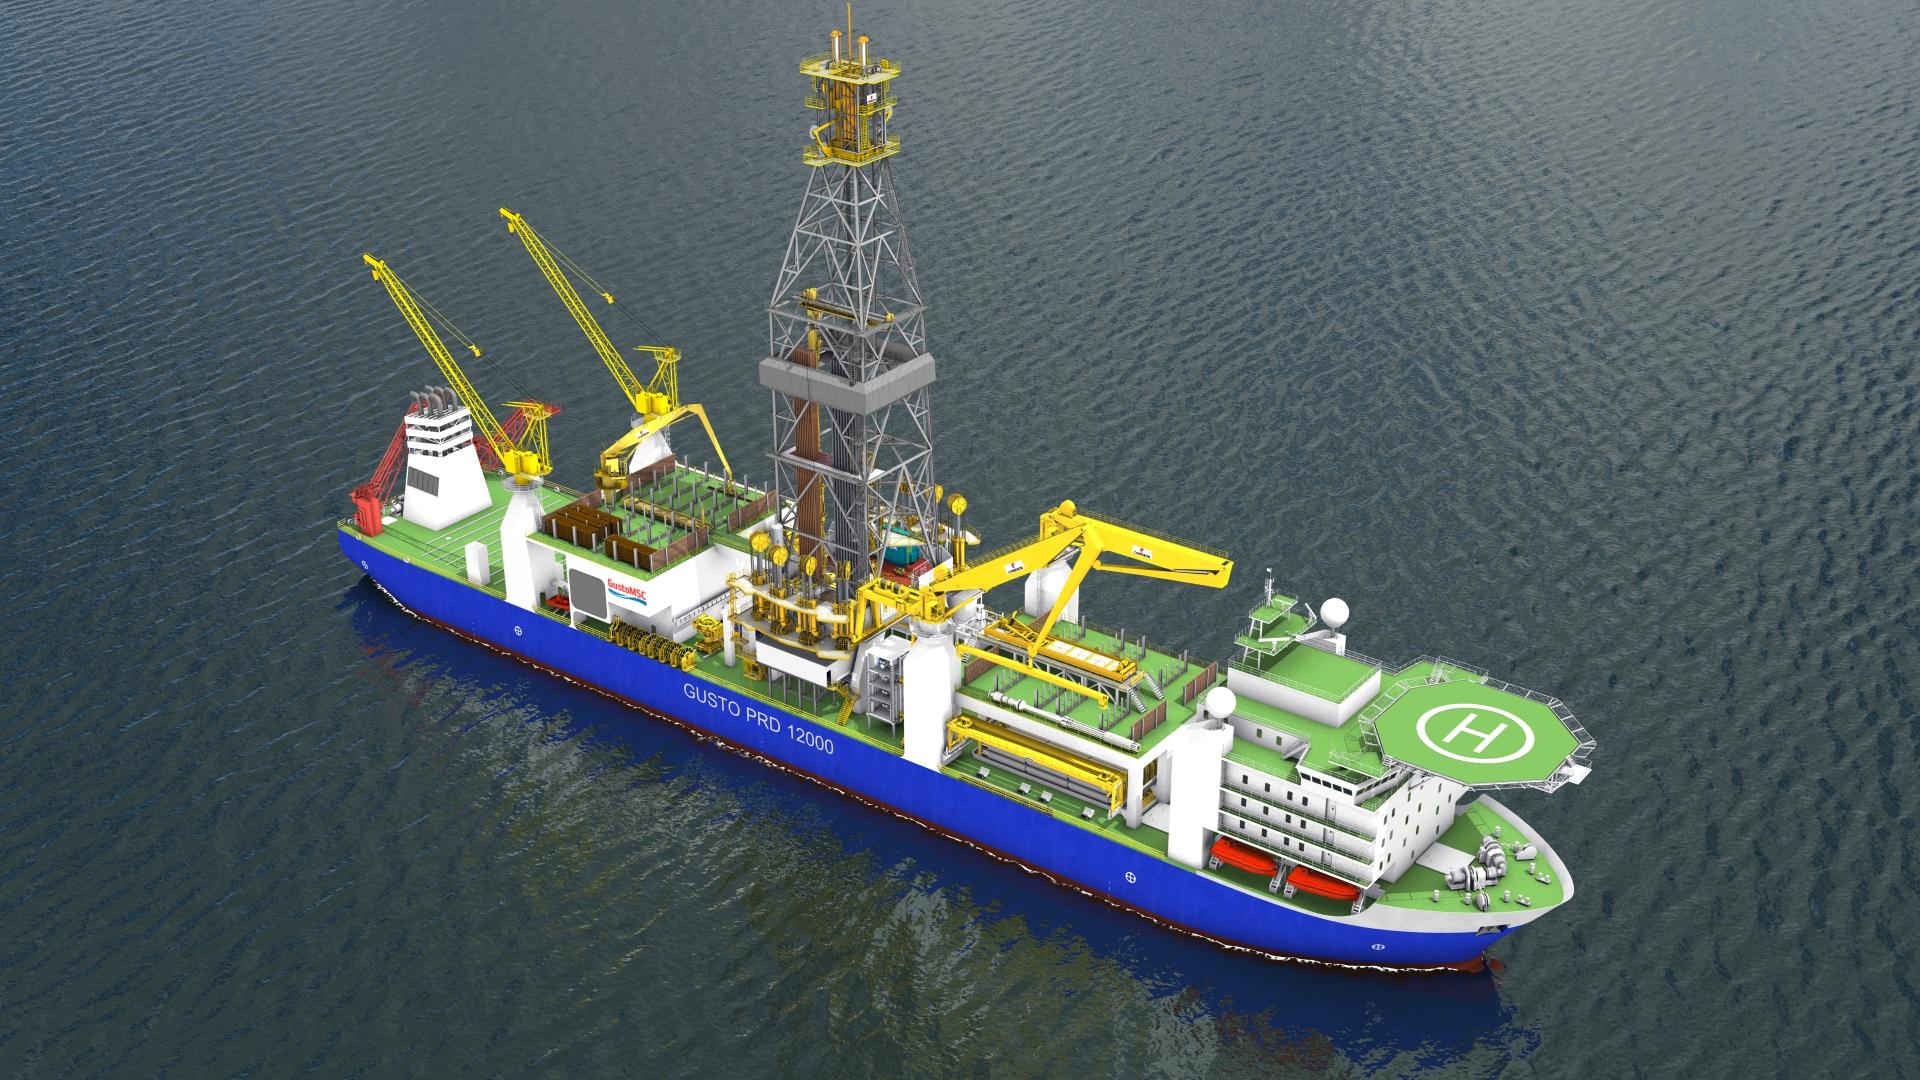 gusto-msc-prd-12000-qdrill-drillship-3d-model